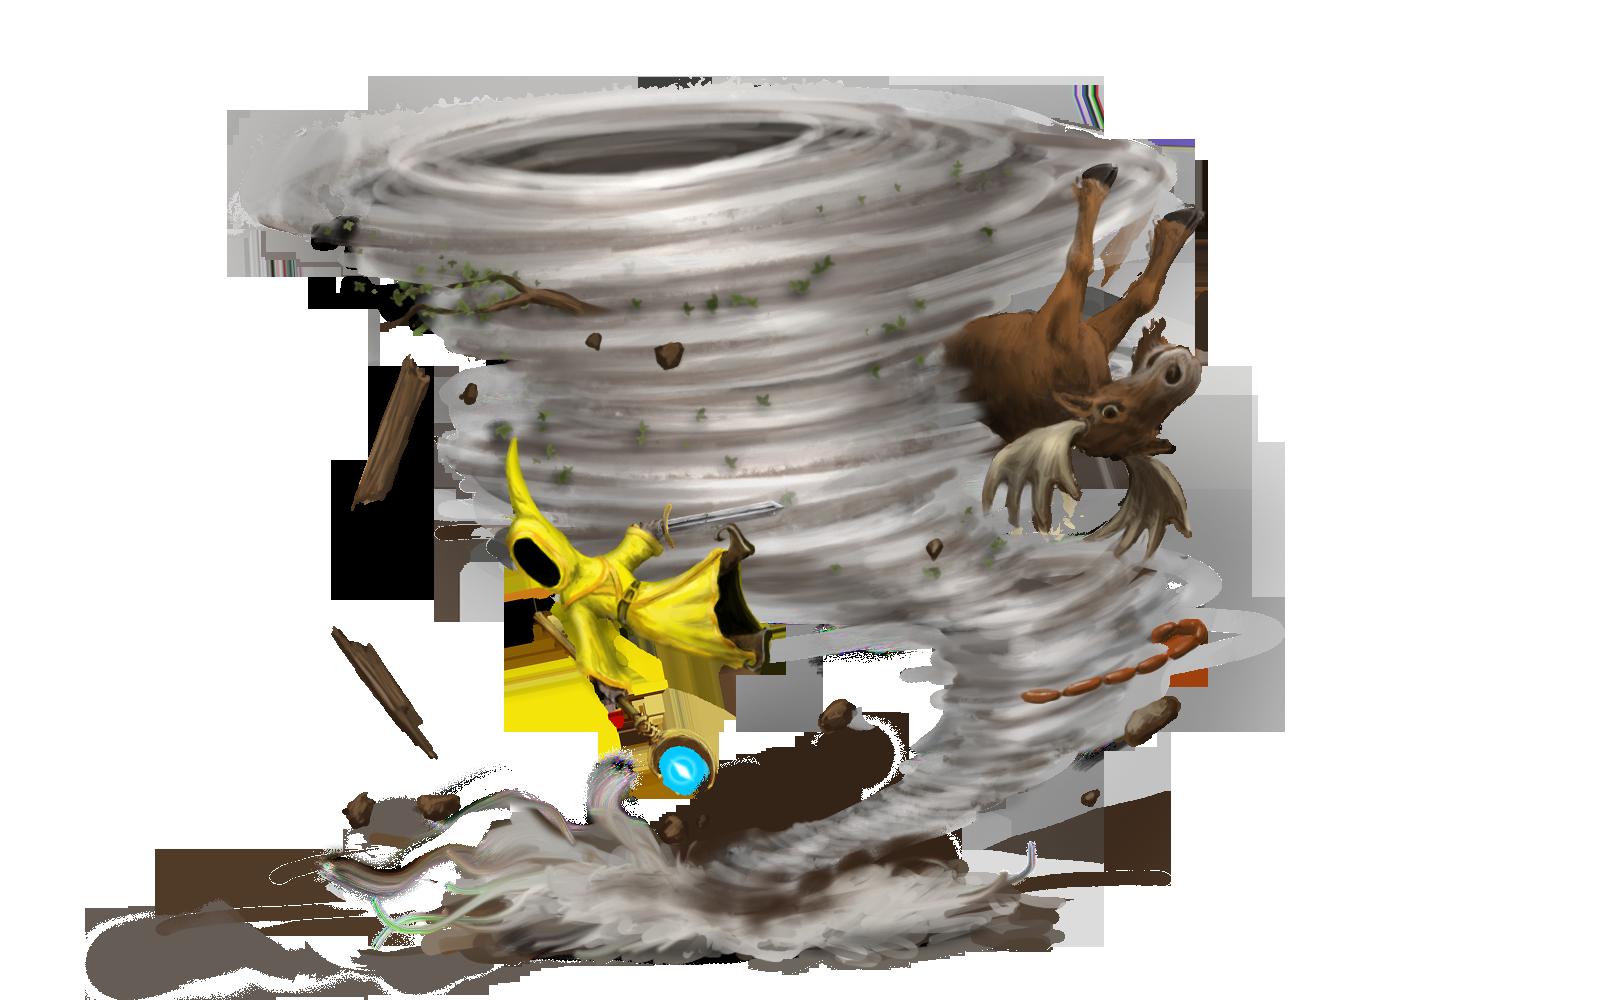 6) Tornado